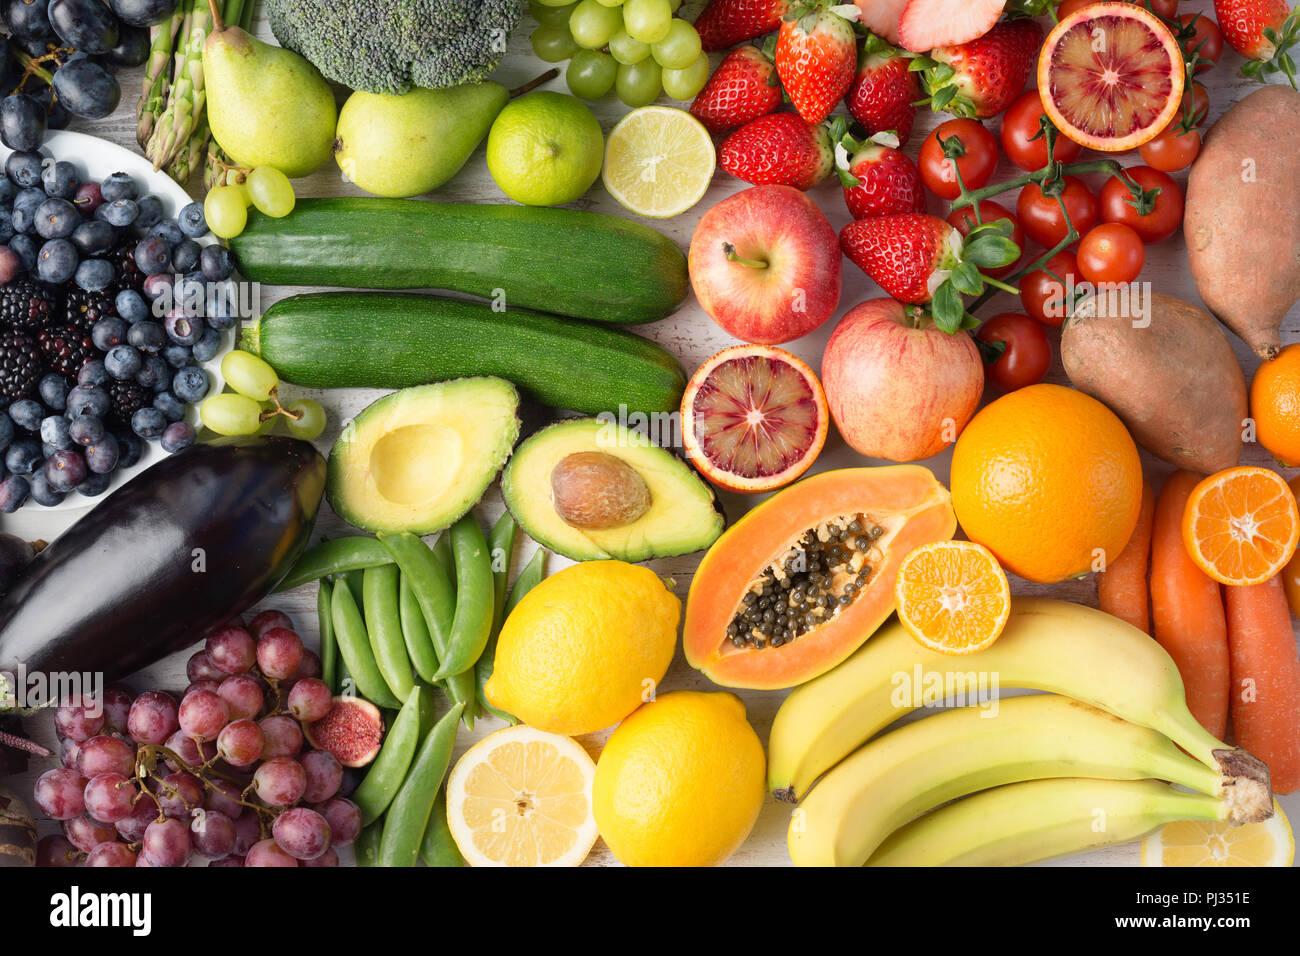 Mangiare sano, un vasto assortimento di frutta e verdura in arcobaleno di colori di sfondo, vista dall'alto, il fuoco selettivo Immagini Stock